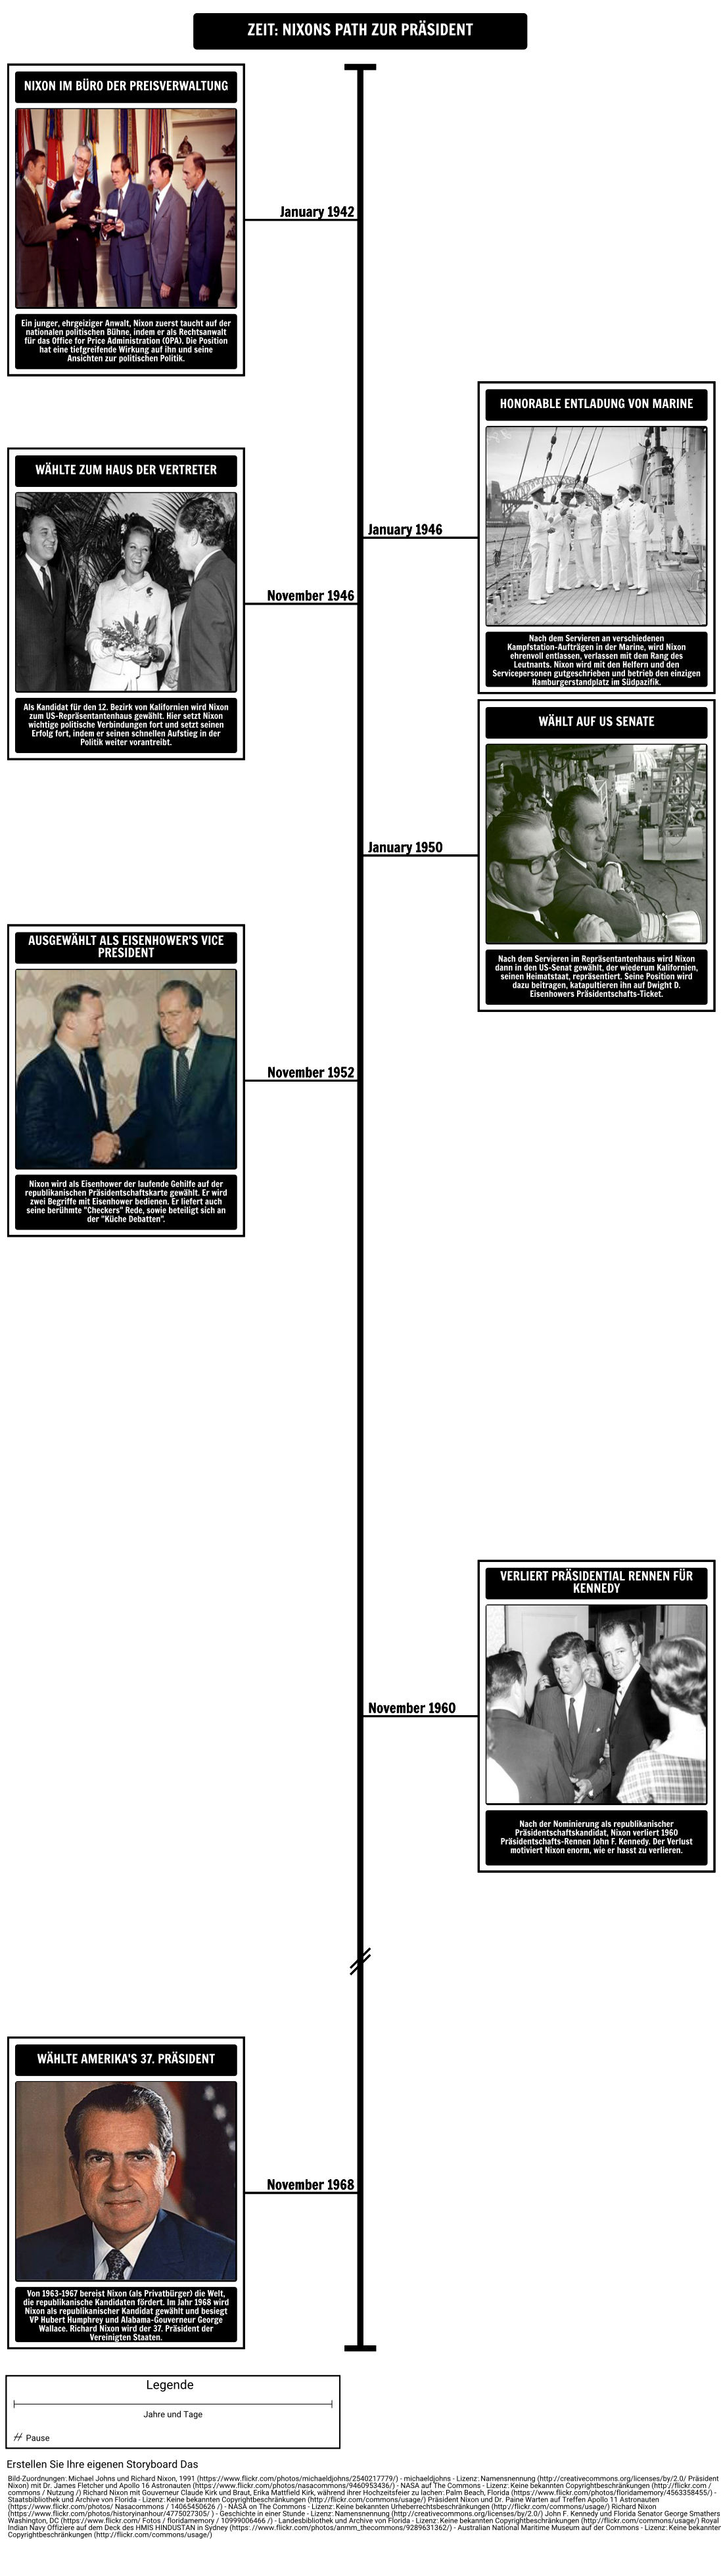 Zeitachse - Nixons Pfad zur Präsidentschaft